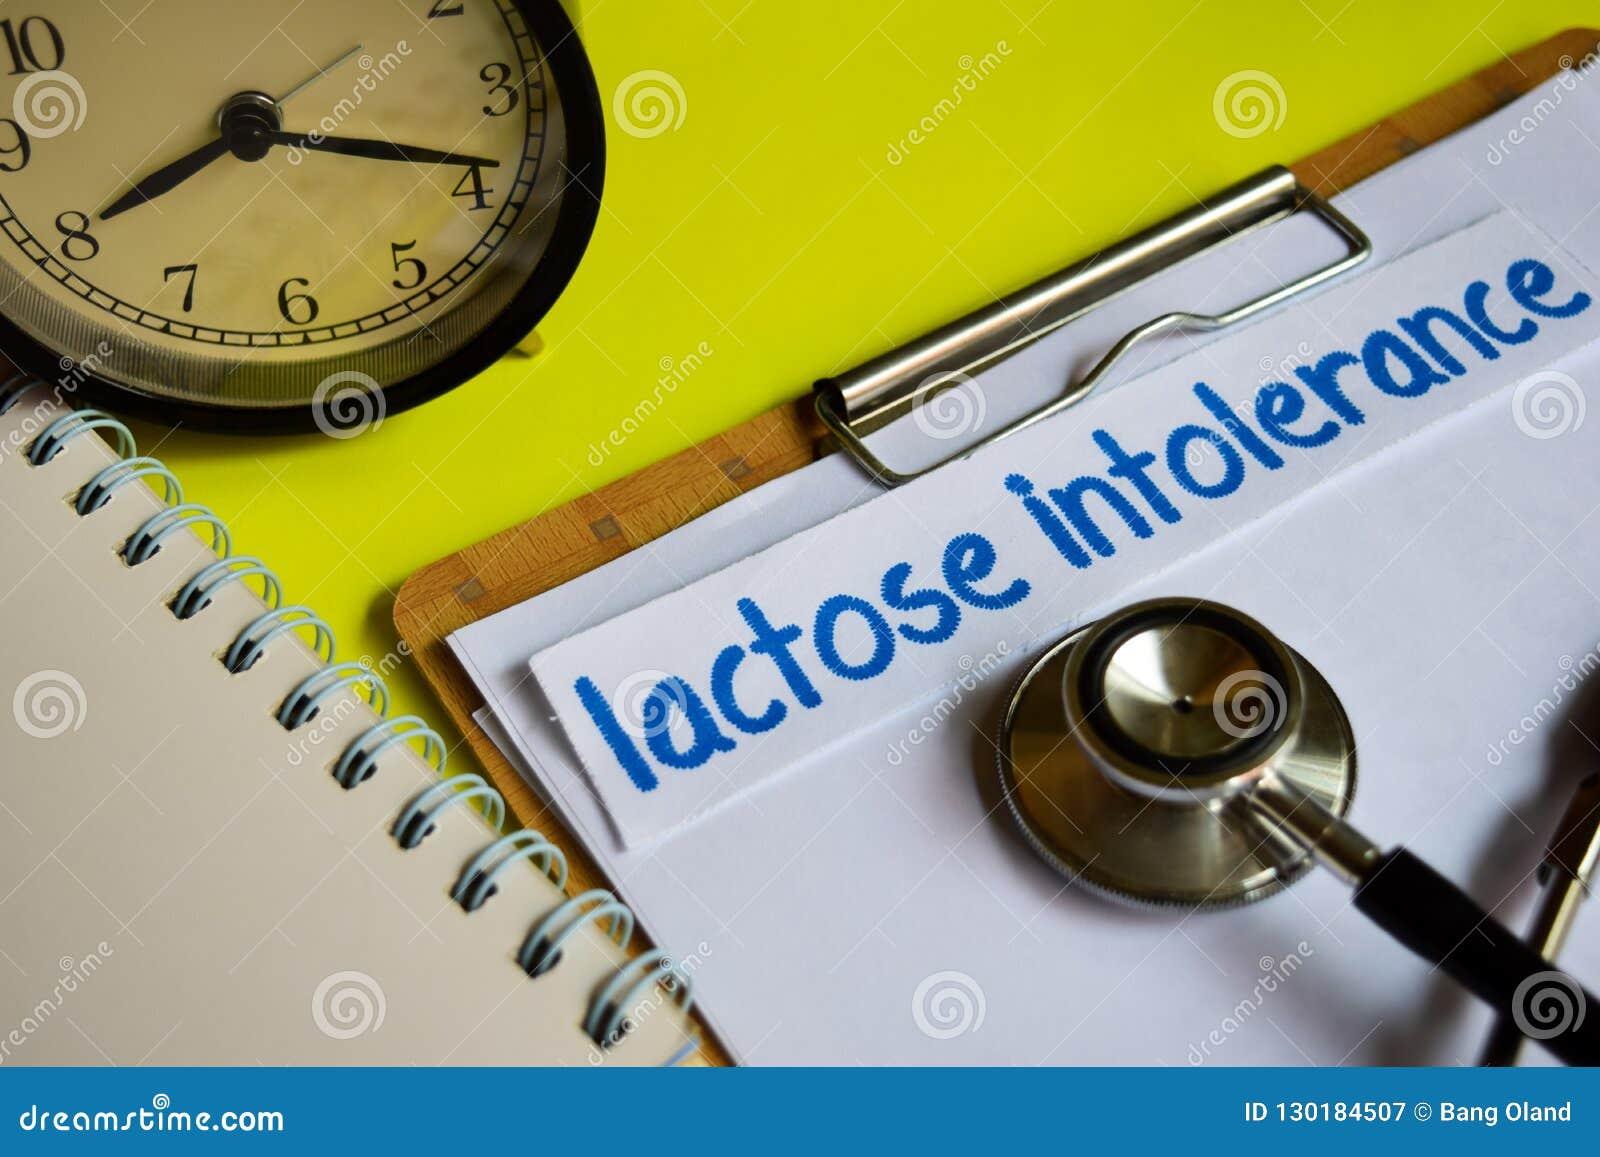 Αδιαλλαξία λακτόζης στην έννοια υγειονομικής περίθαλψης στο κίτρινο υπόβαθρο